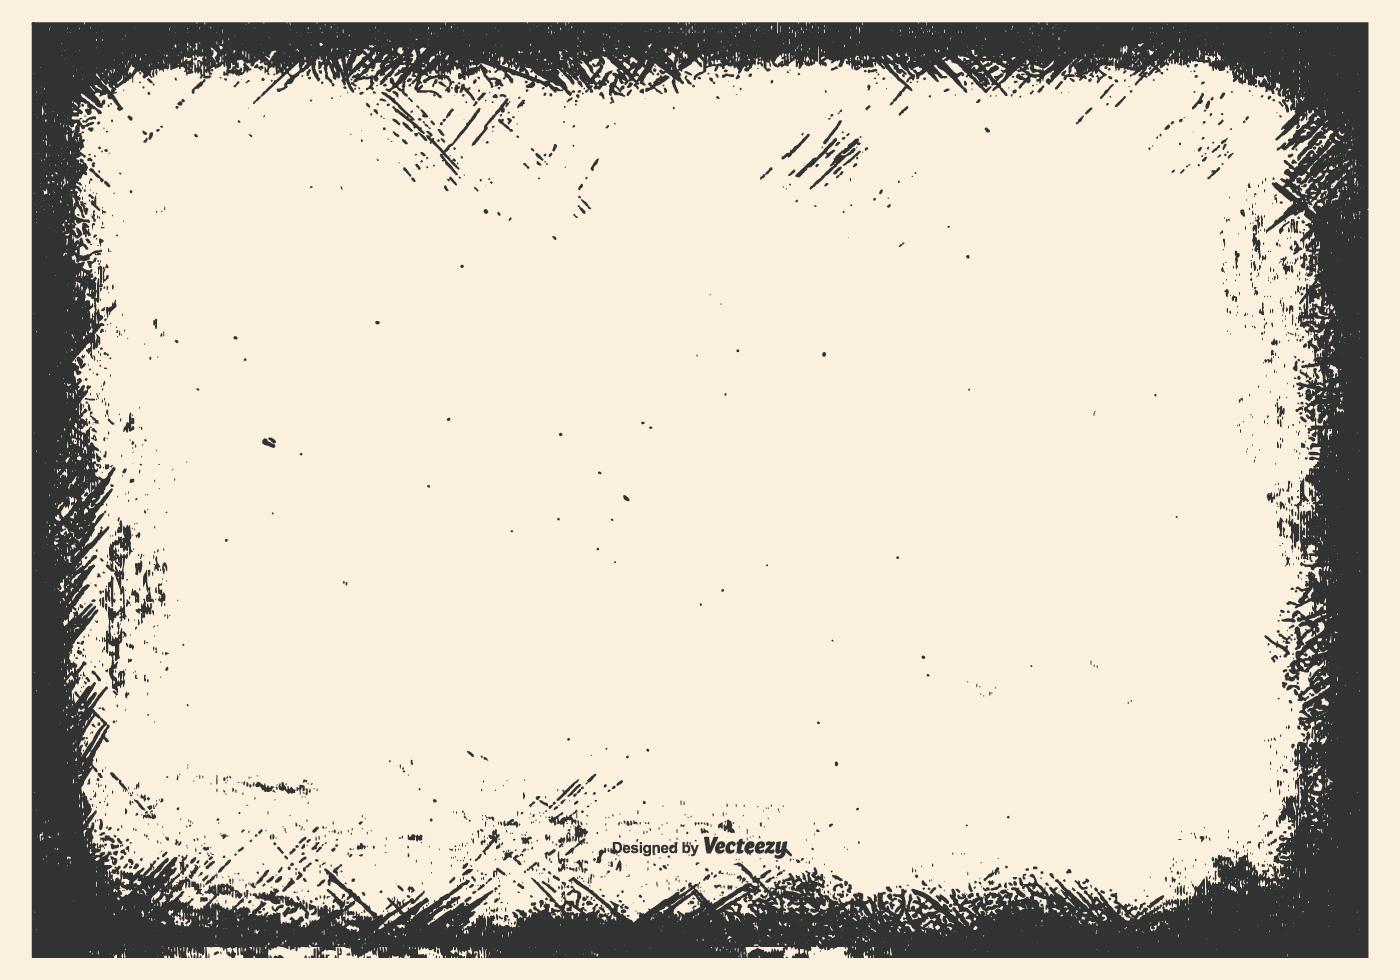 Grunge frames clipart svg free download Grunge Border Free Vector Art - (16,303 Free Downloads) svg free download